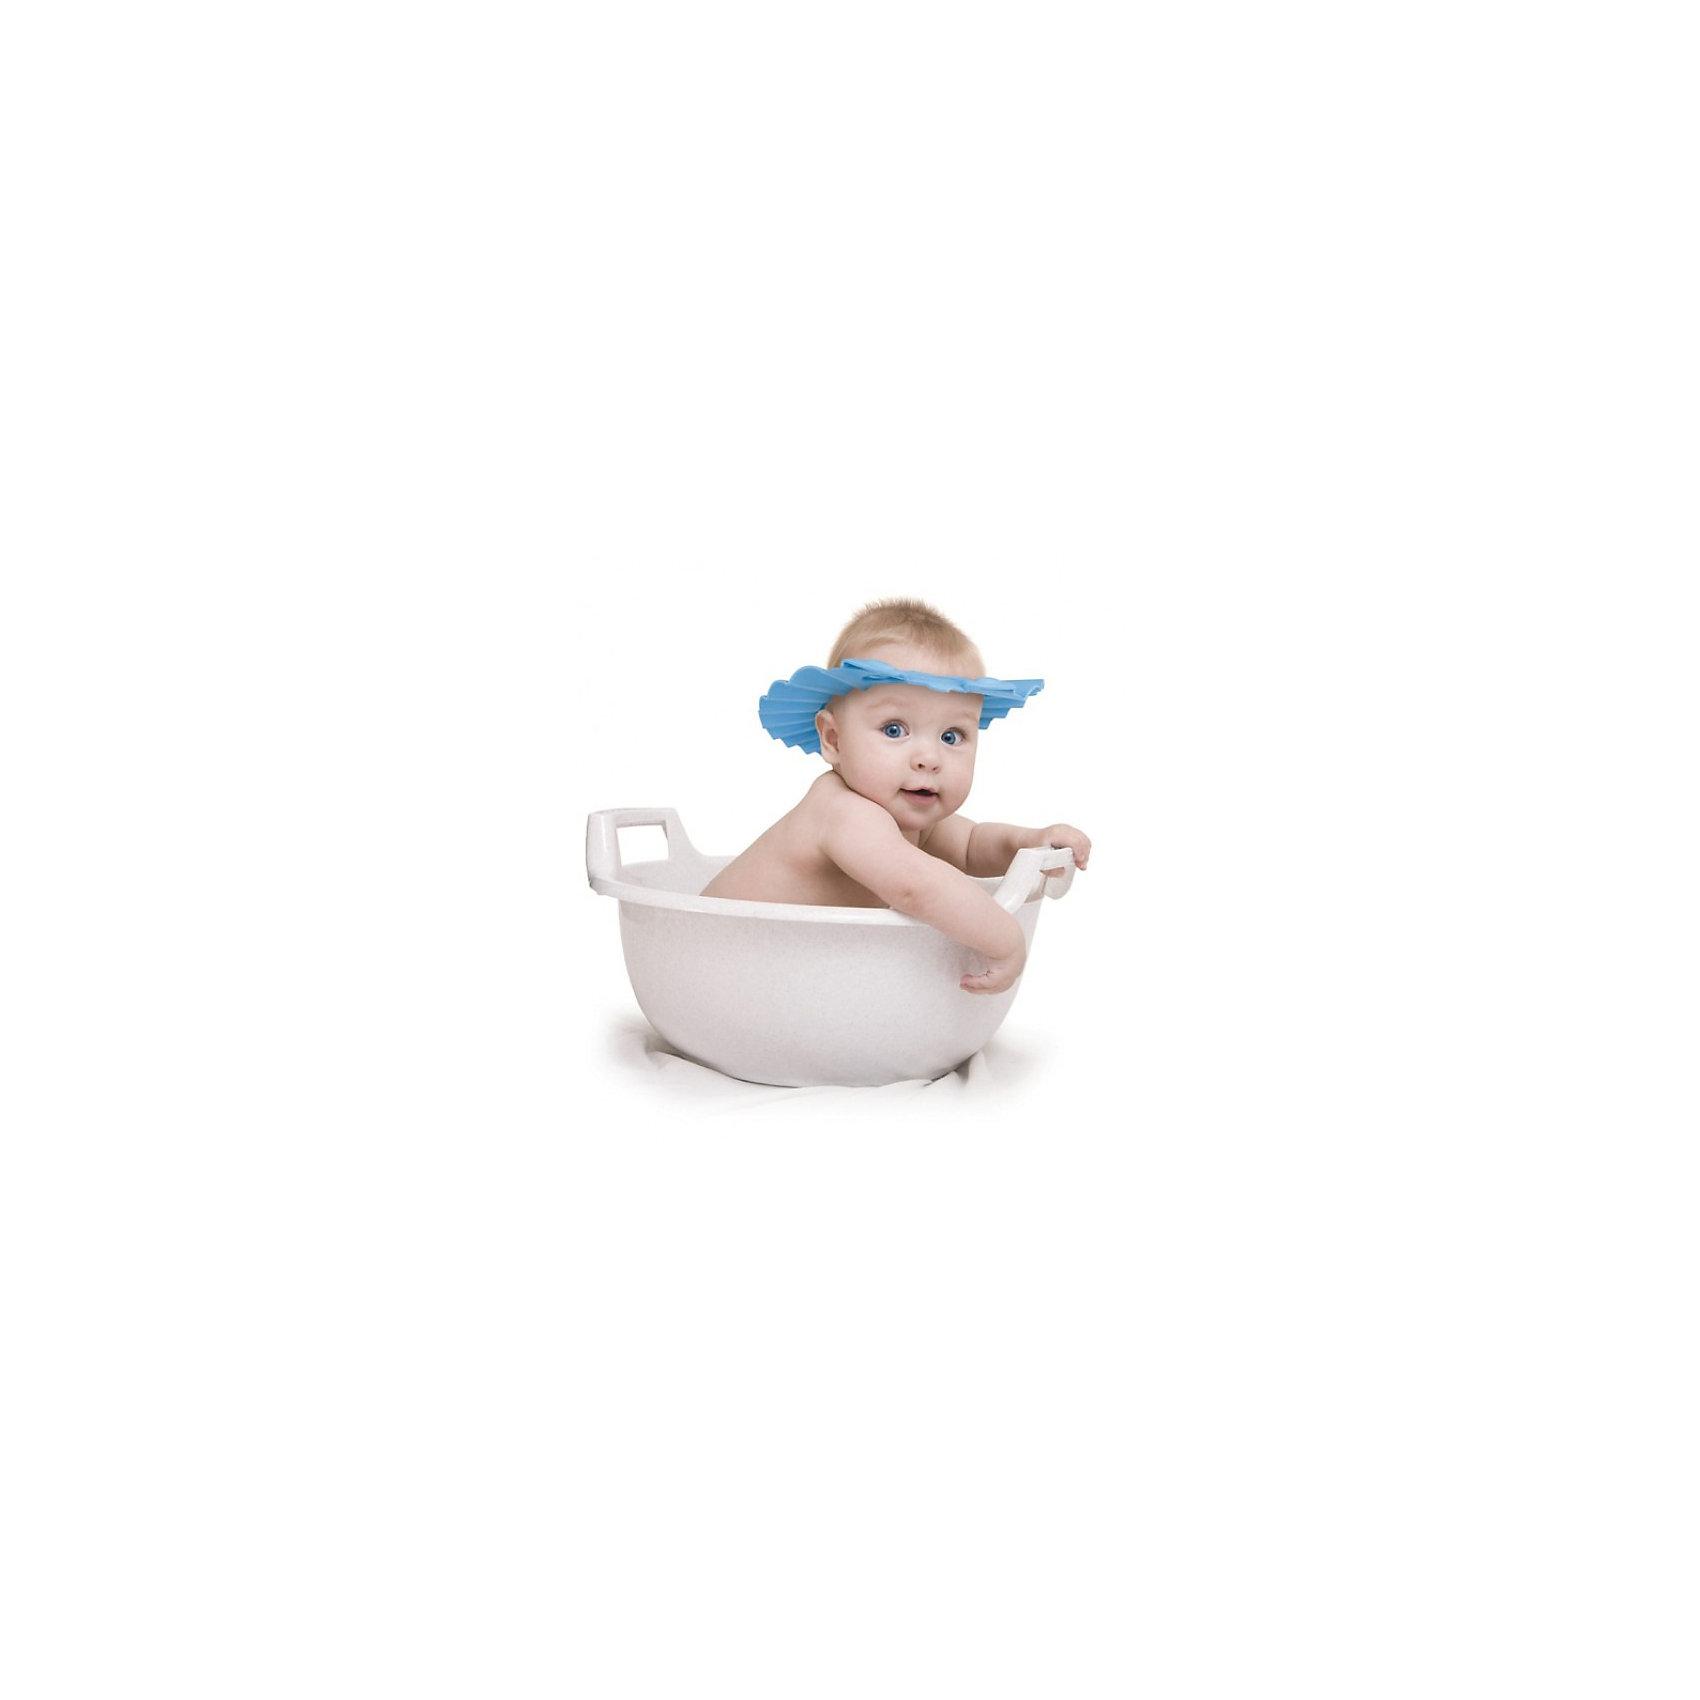 защитный-ободок-для-мытья-волос-canpol-babies-голубой